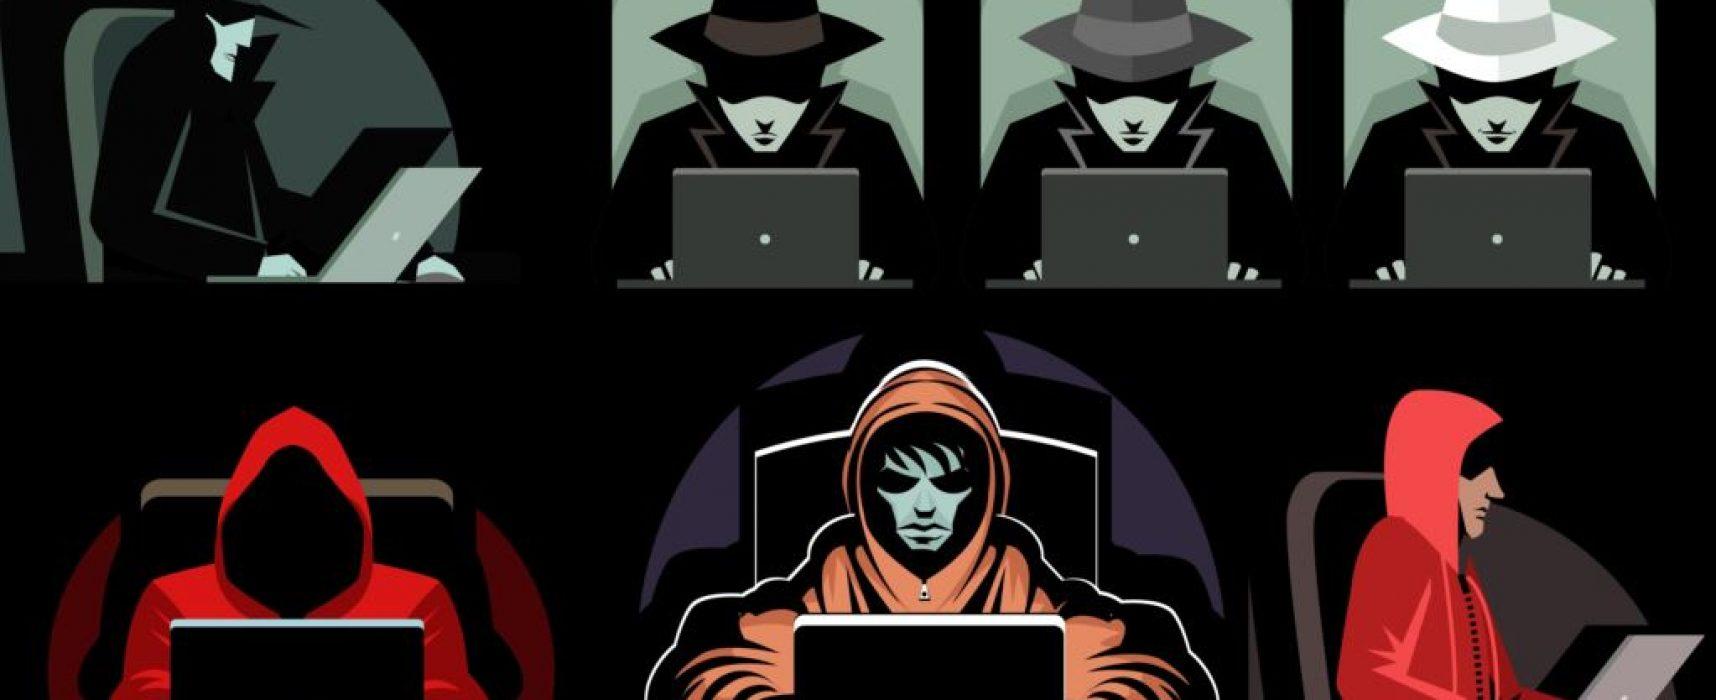 Битва «ботов» и «троллей»: как соцсети стали инструментом гибридной войны